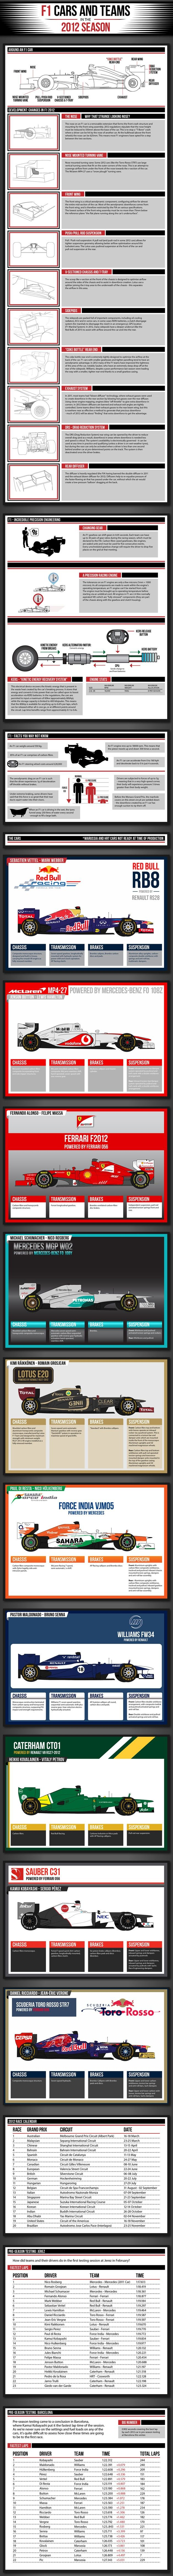 F1 Cars and Teams in 2012 #infographic | Red Bull Racing | McLaren Mercedes | Ferrari | Lotus | Force India | Williams | Caterham | Sauber | Scuderia Toro Rosso |